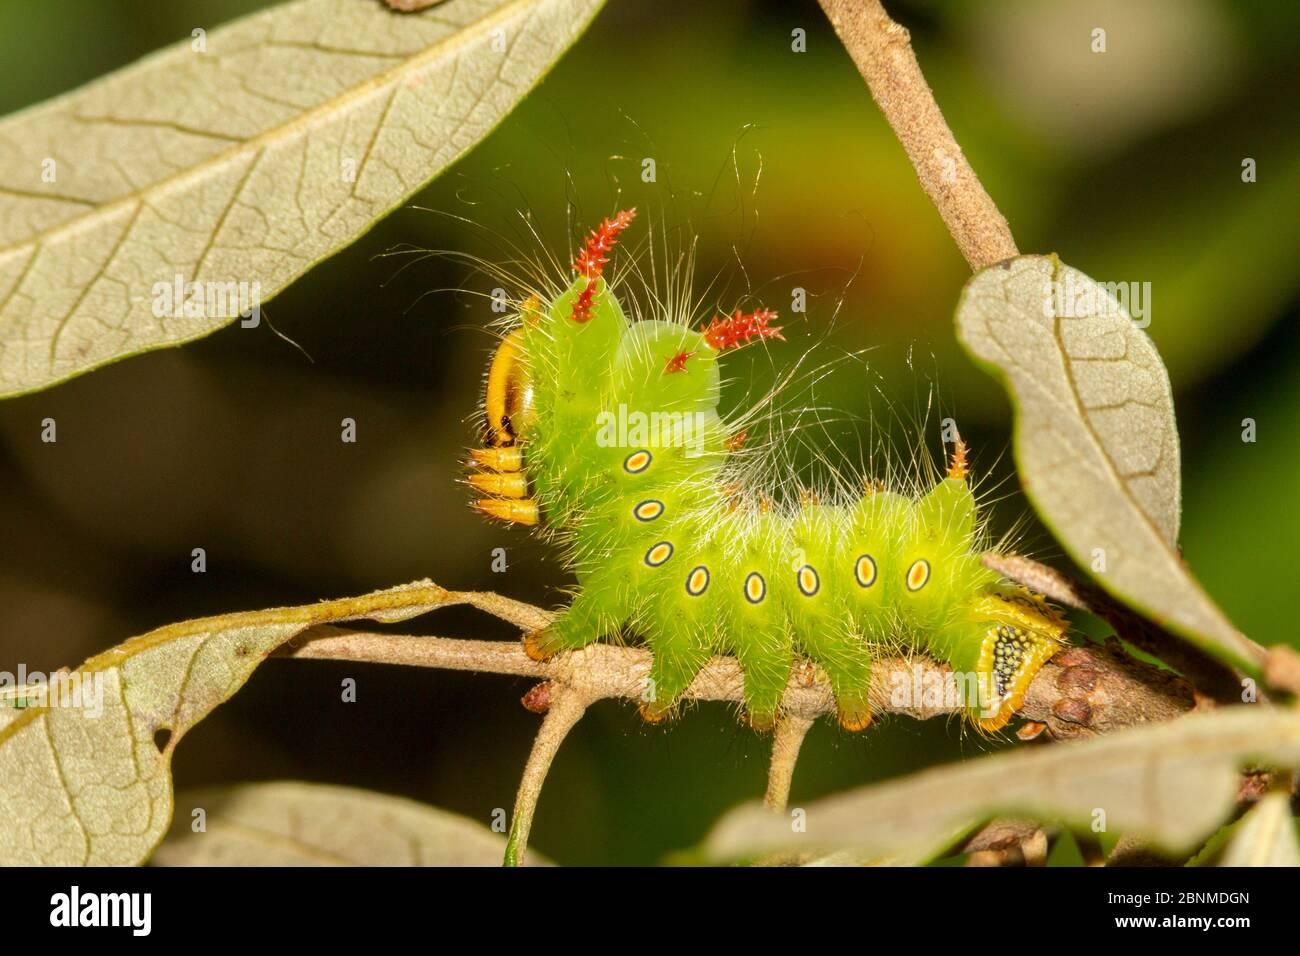 Oruga de la polilla imperial (Eacles imperialis), Condado de Orange, Florida, EE.UU. Septiembre Foto de stock